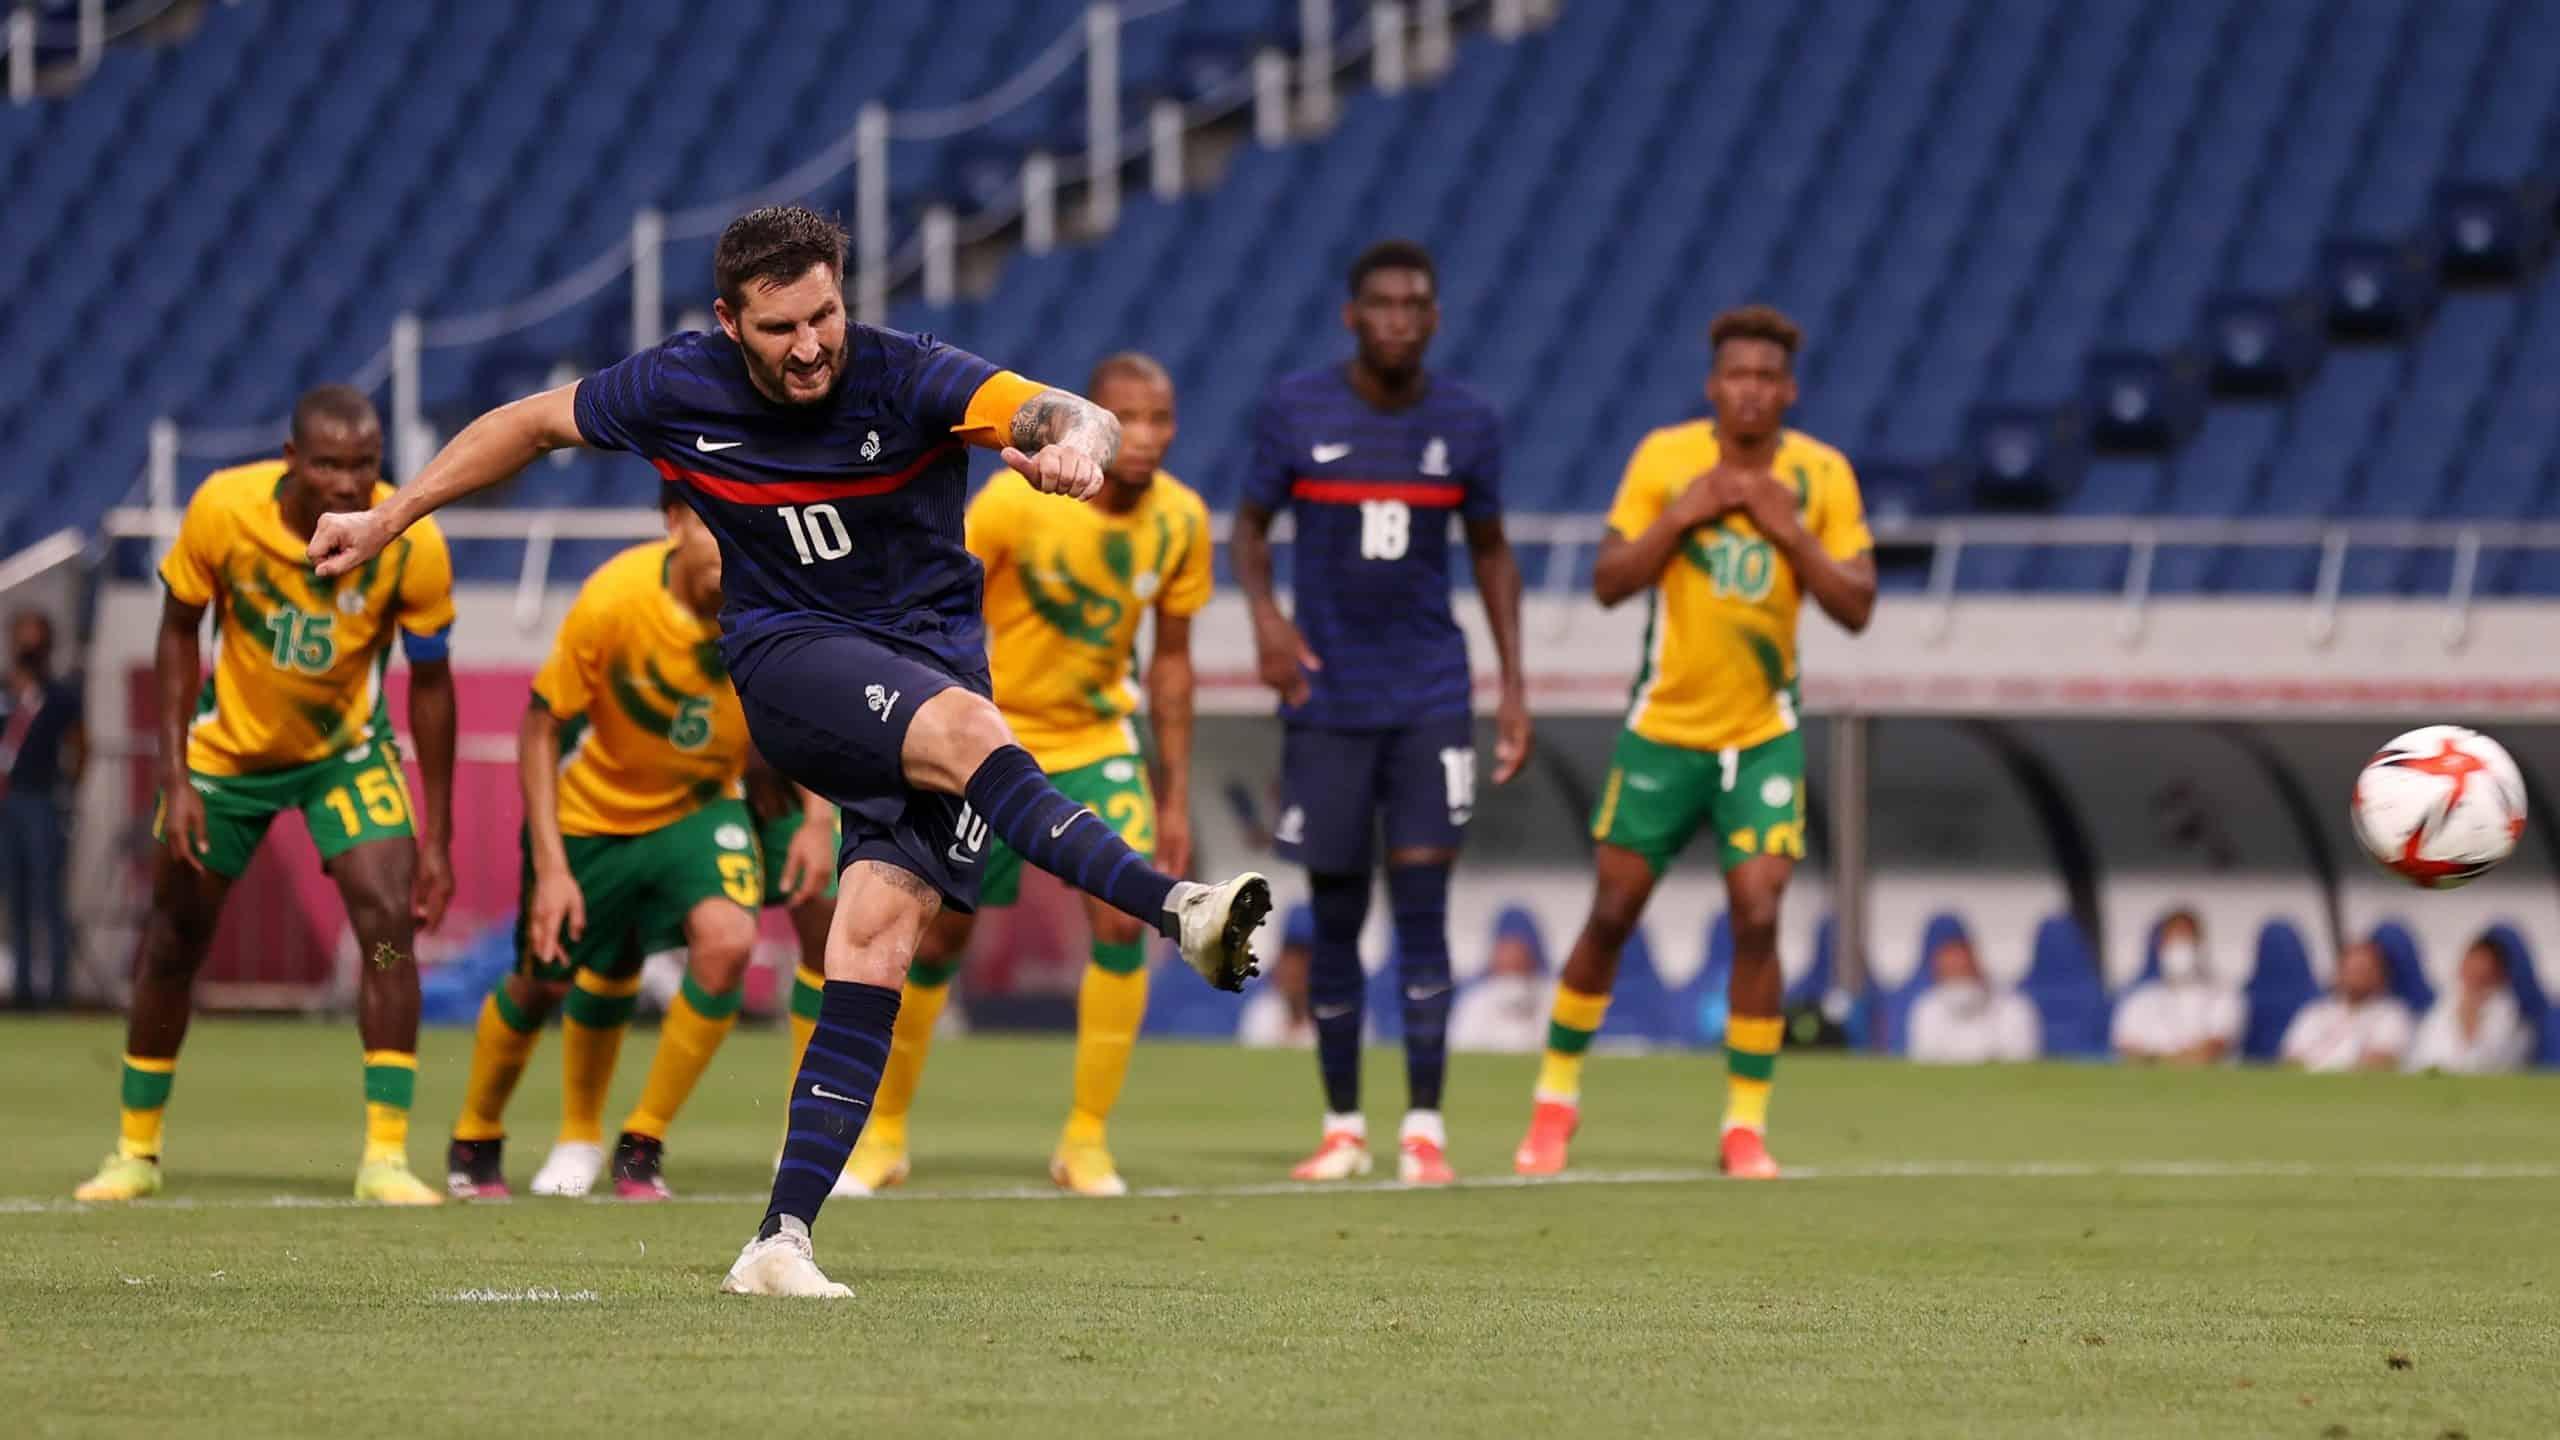 Se luce André Pierre Gignac en Juegos Olímpicos, hat trick ante Sudáfrica